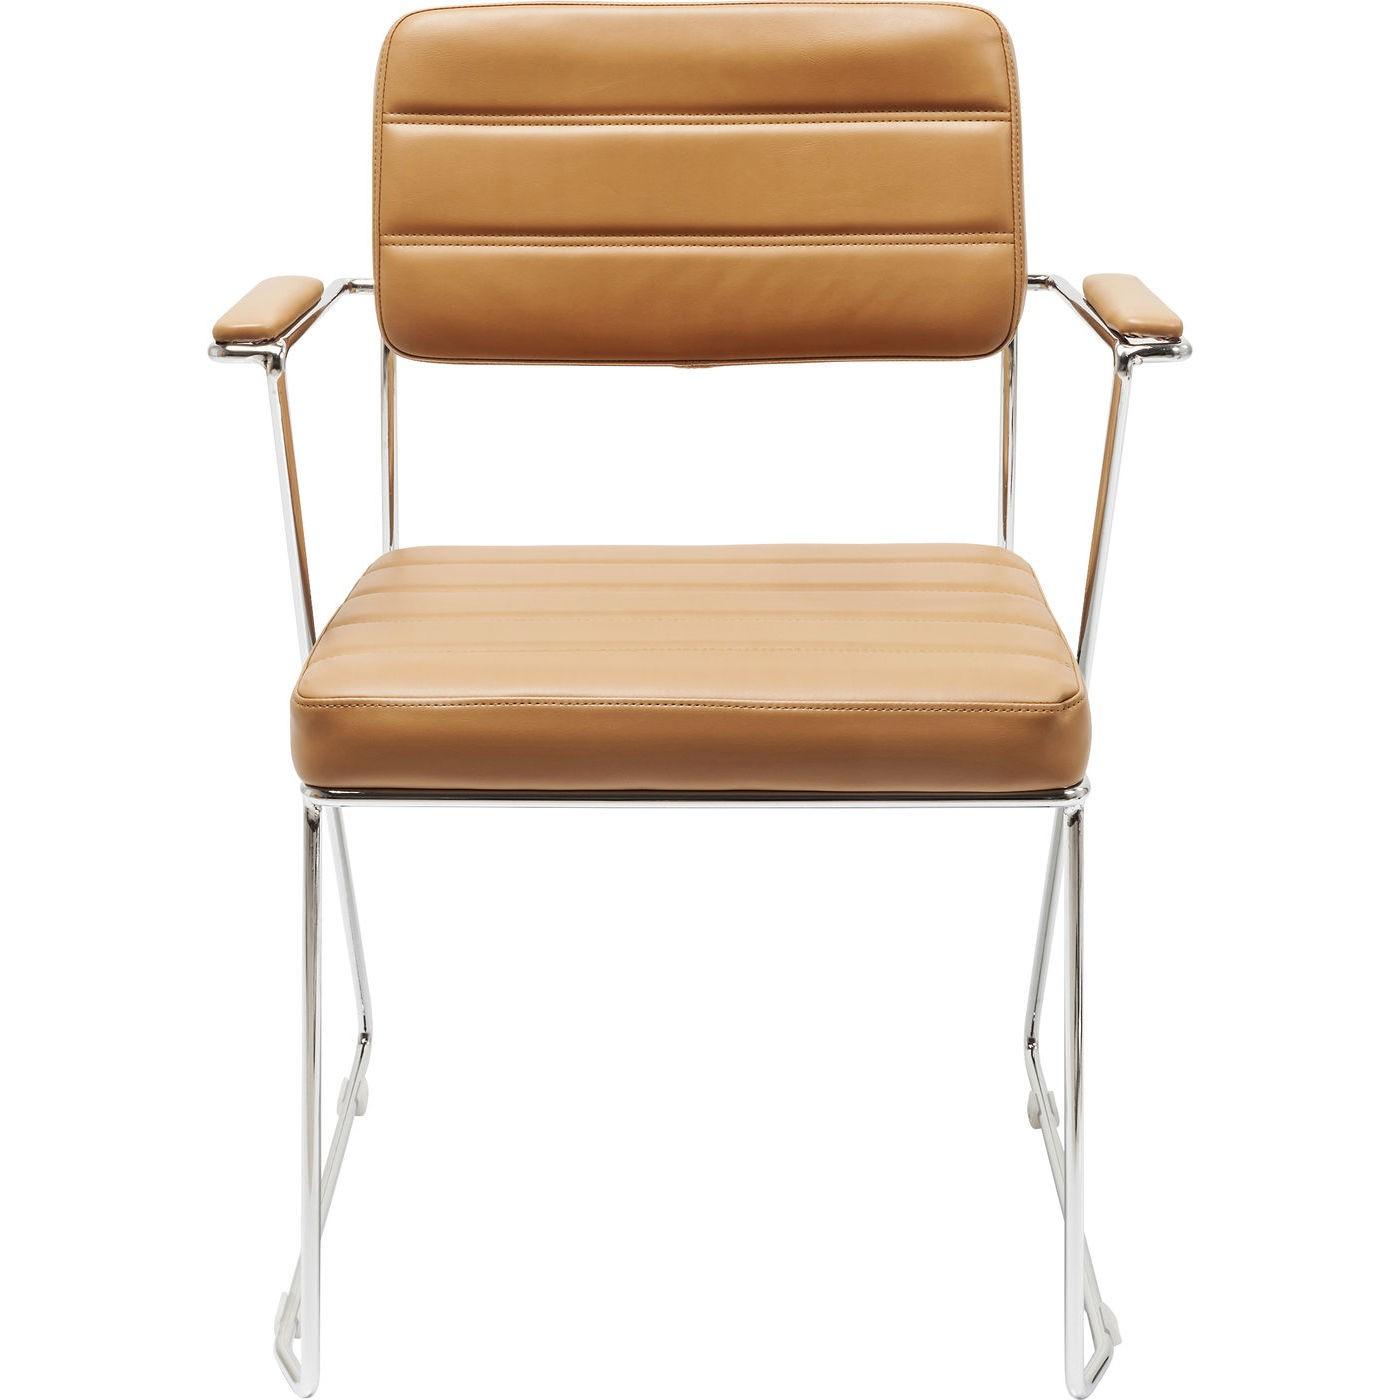 KARE DESIGN Dottore spisebordsstol - lysebrun kunstlæder m. stålben, m. armlæn